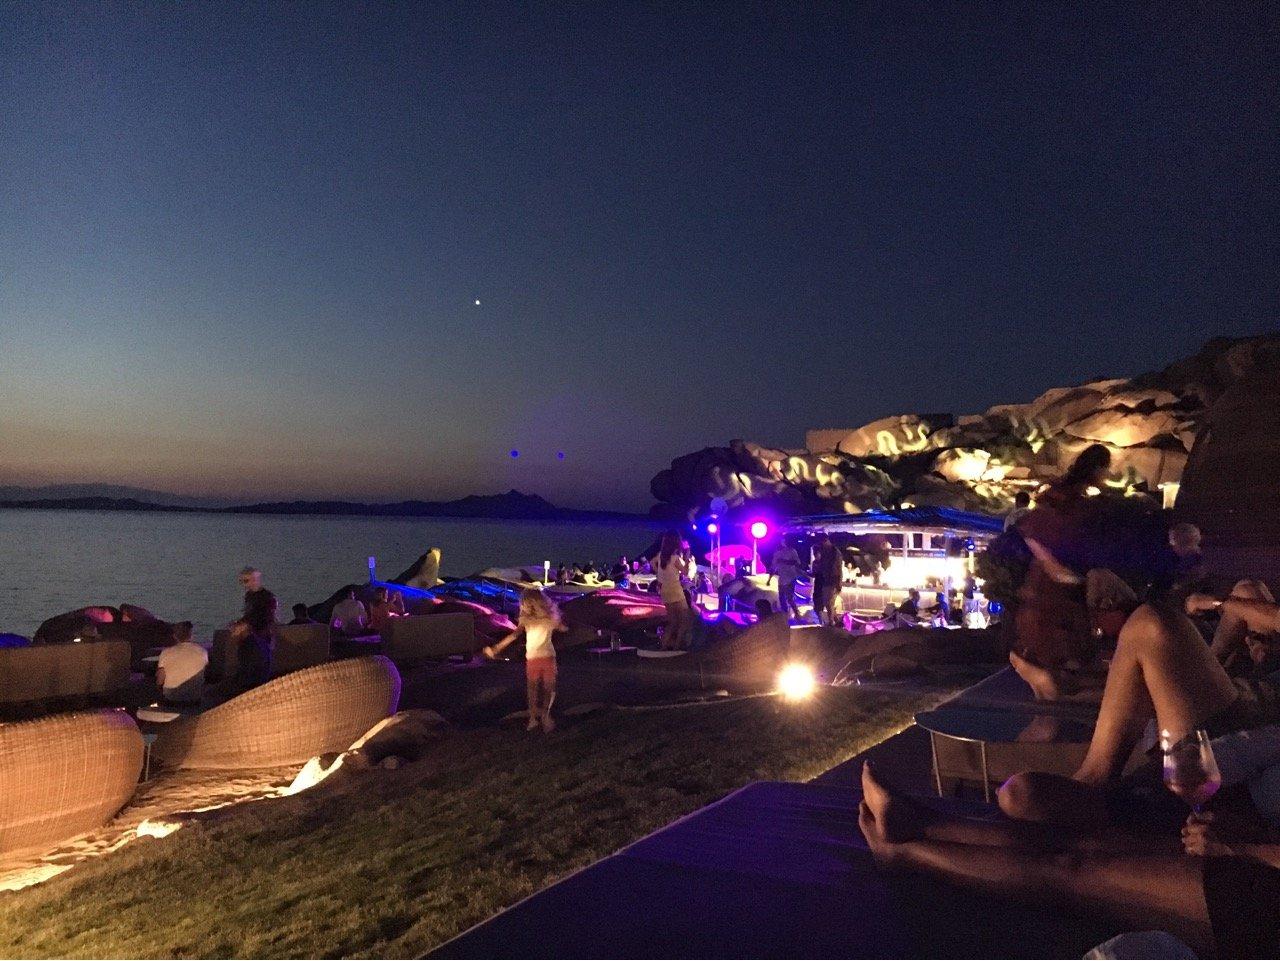 Ночной Порто-Черво и дискотека под открытым небом «Фи Бич»